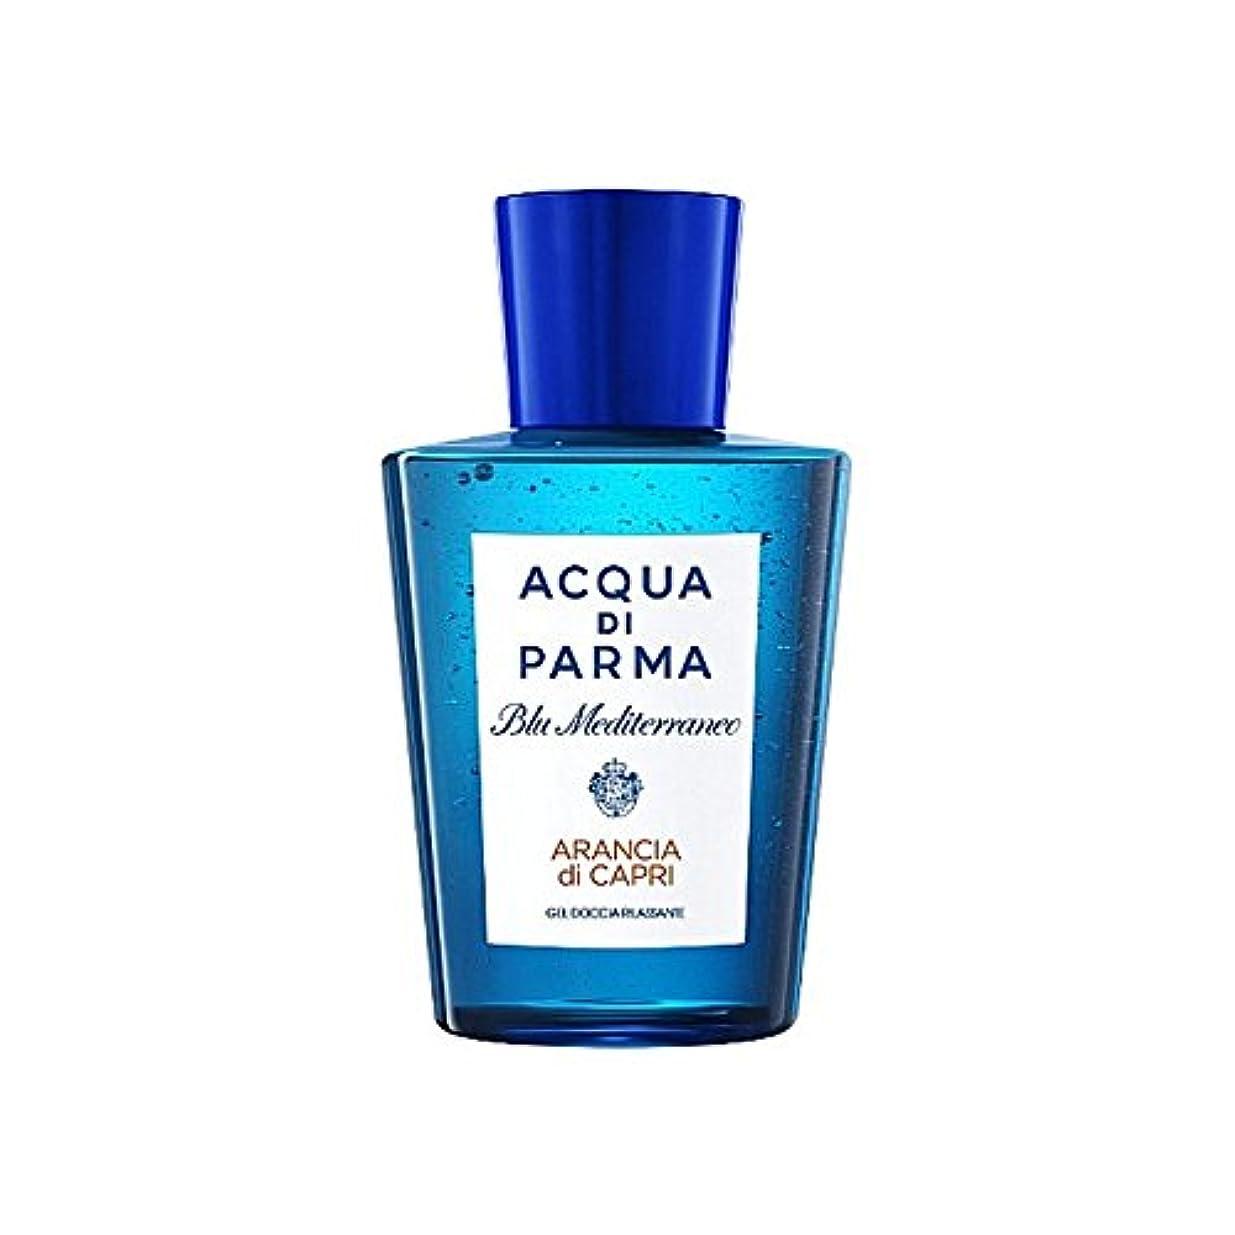 逆に前兆戦いAcqua Di Parma Blu Mediterraneo Arancia Di Capri Shower Gel 200ml - アクアディパルマブルーメディのアランシアジカプリシャワージェル200 [並行輸入品]